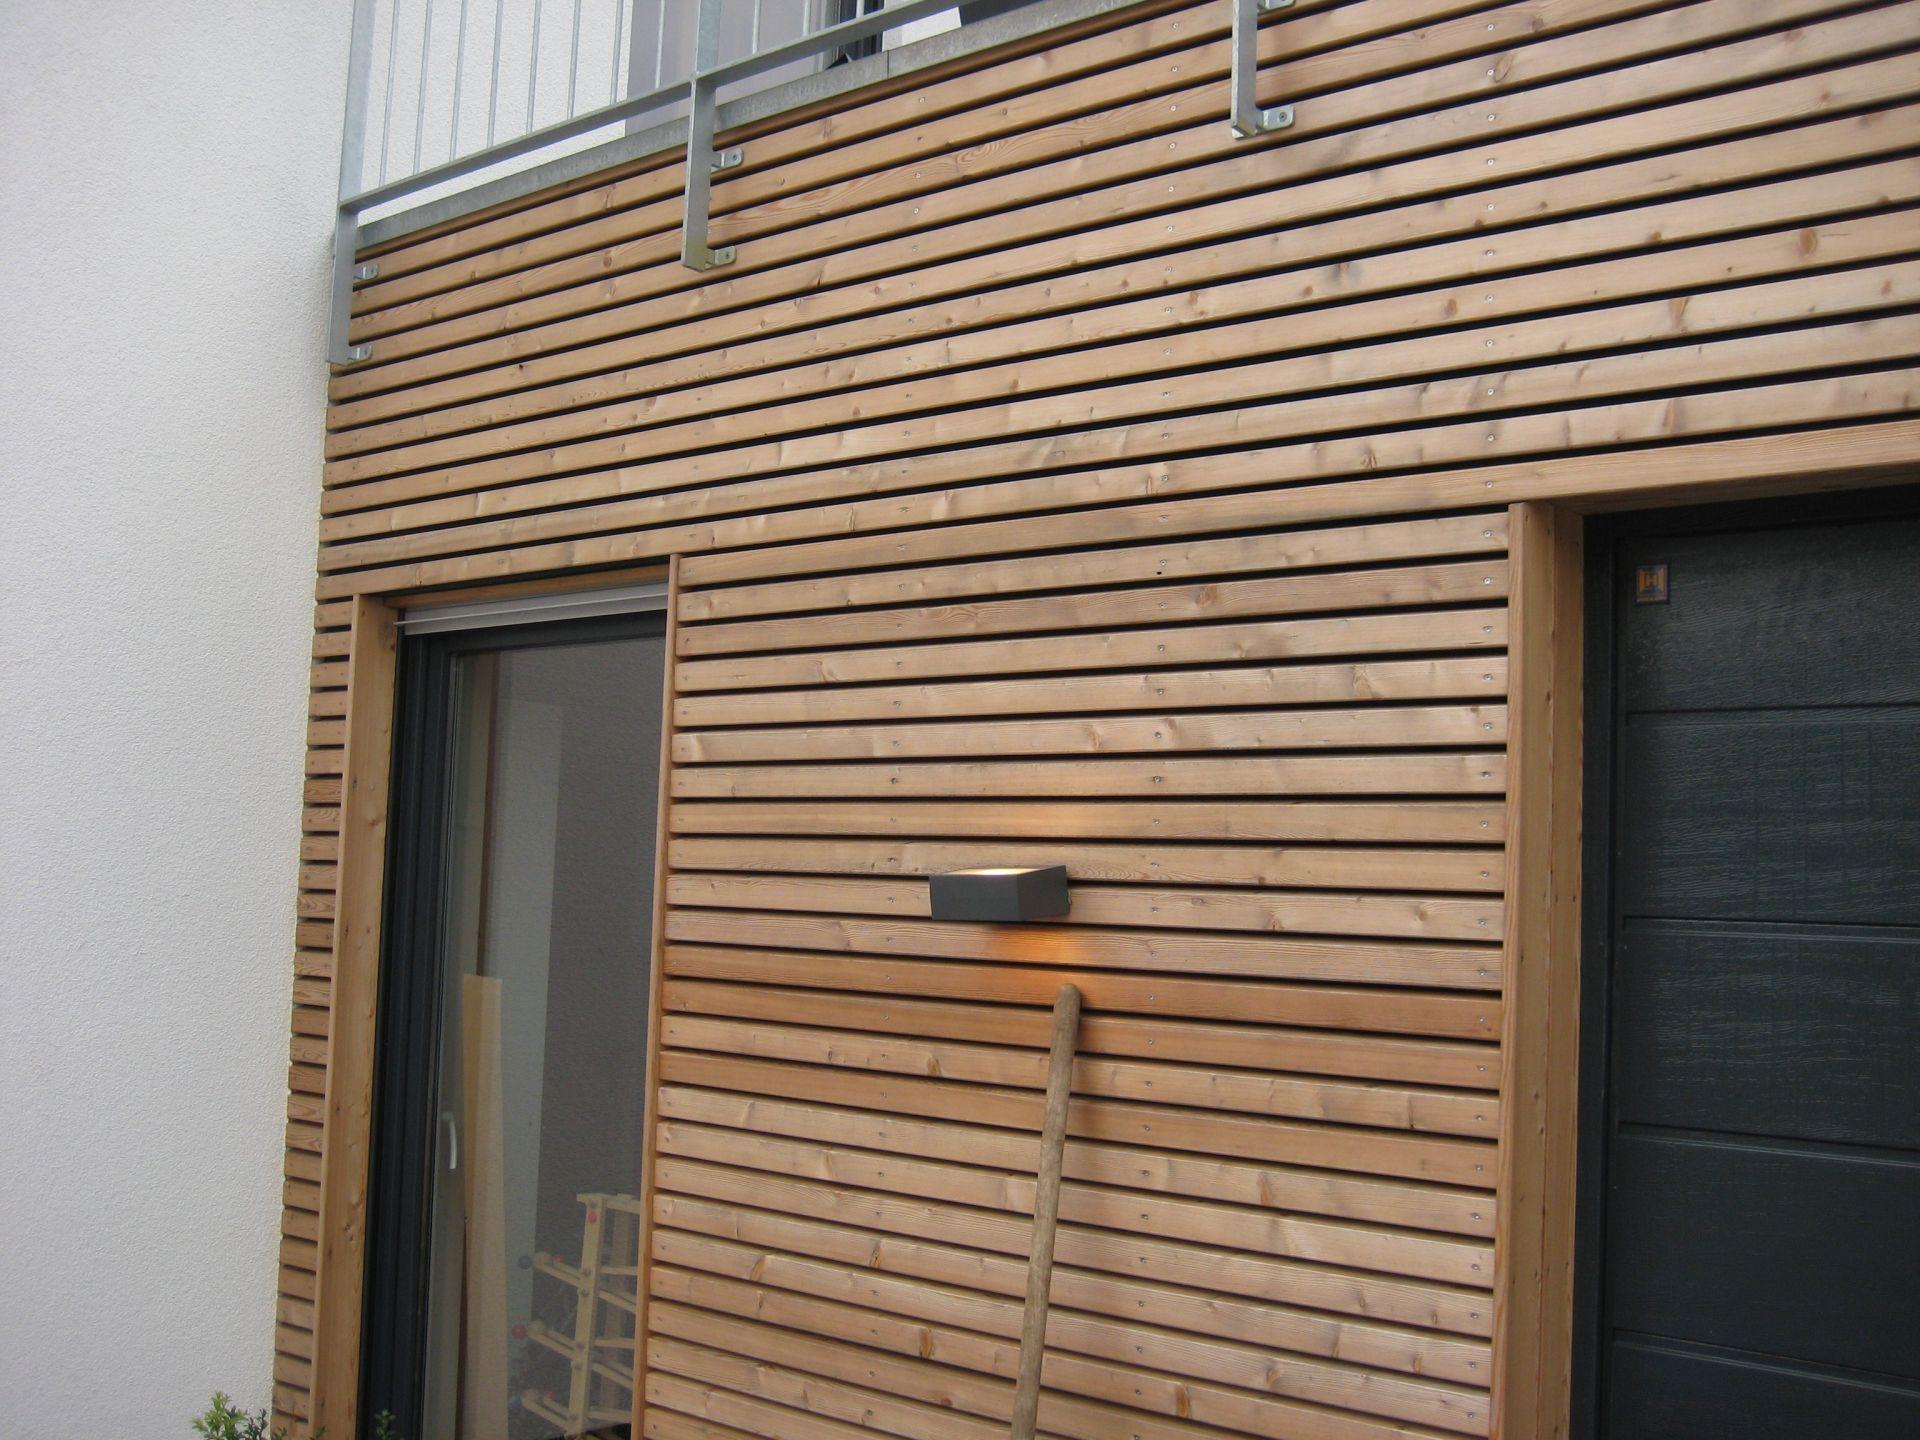 Rhombusleisten Google Suche Scheunenhaus Fassade Haus Fassade